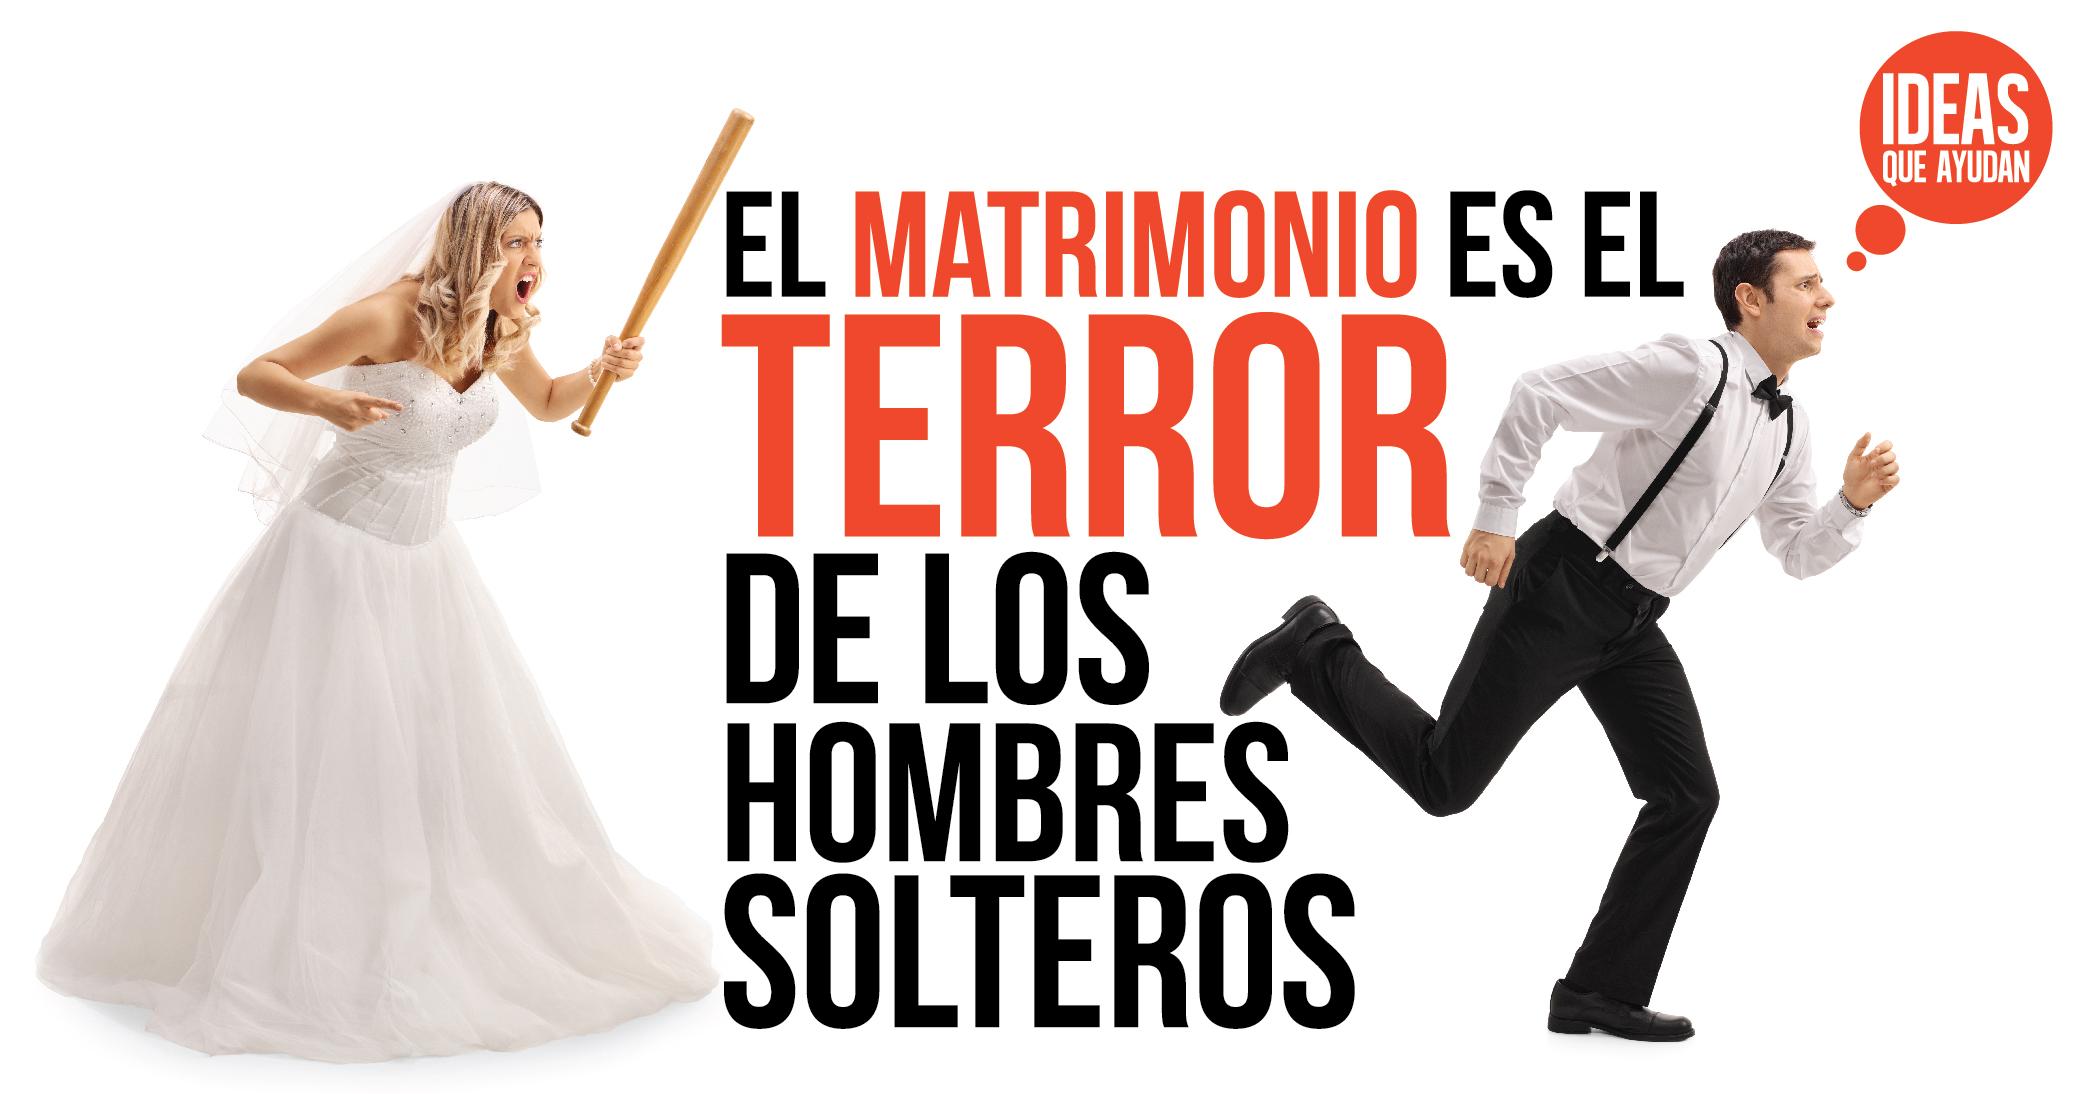 el matrimonio es el terror de los hombres solteros - Hombres Solteros